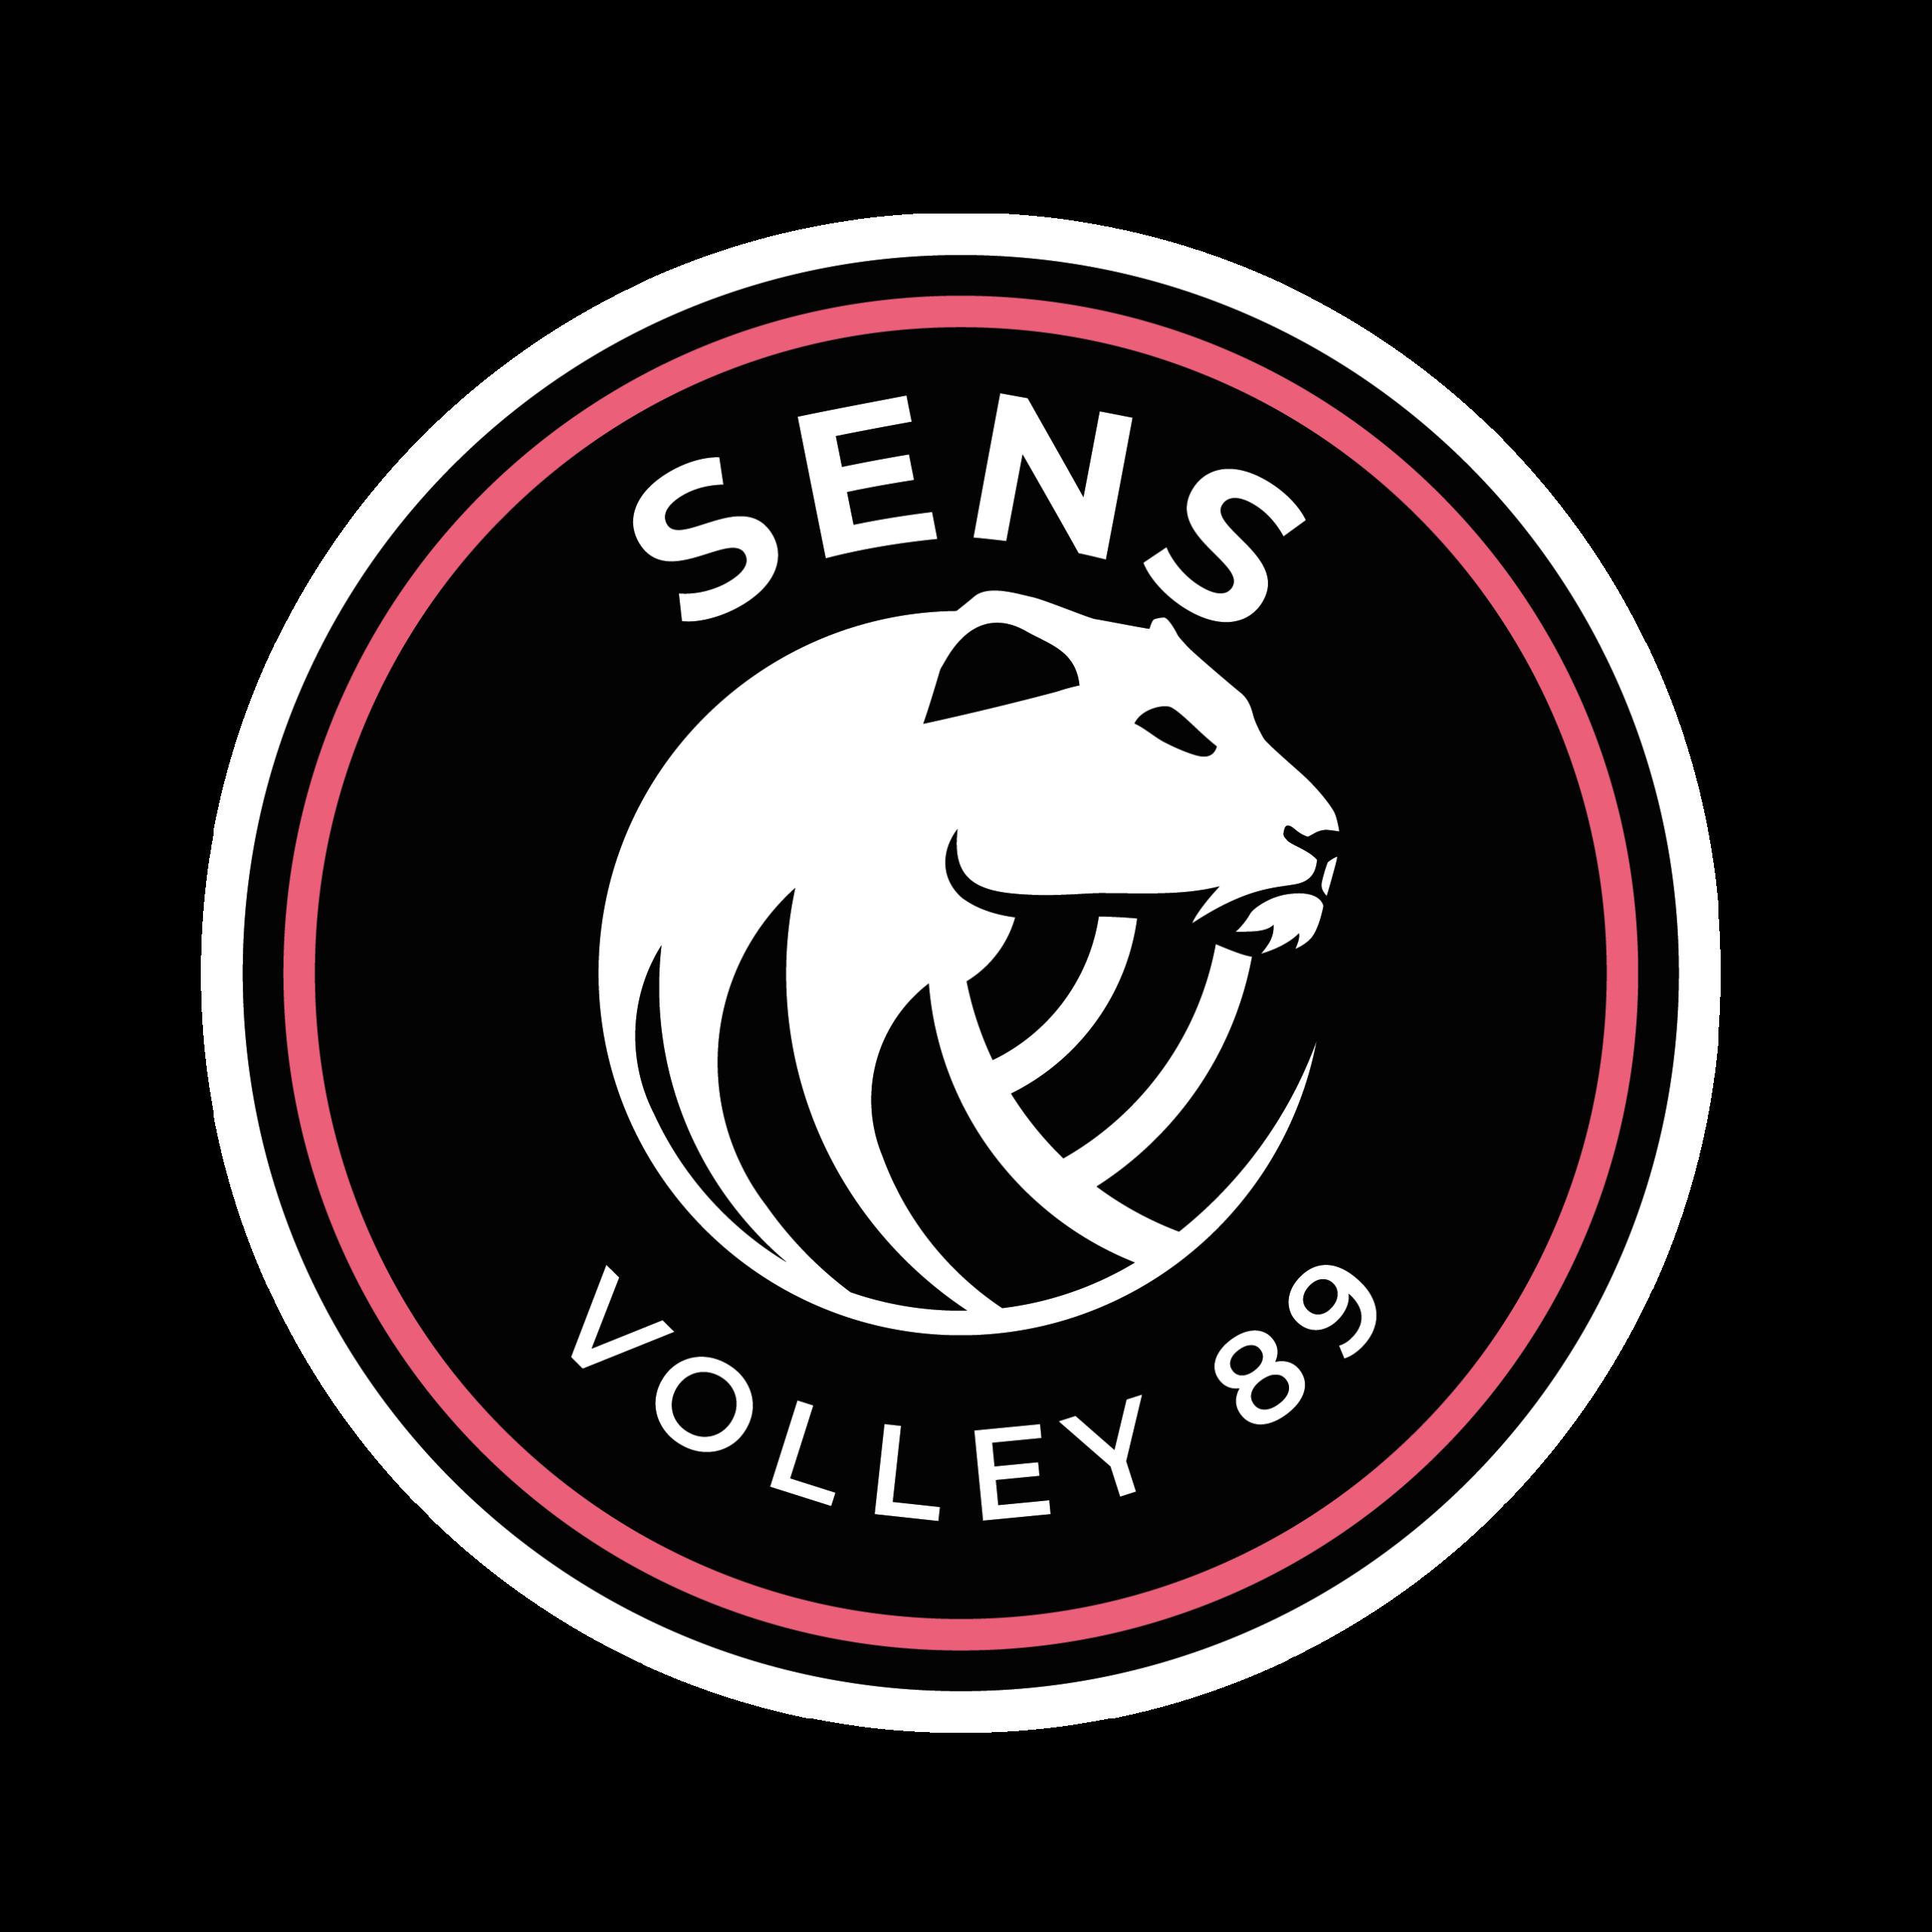 Sens Volley 89